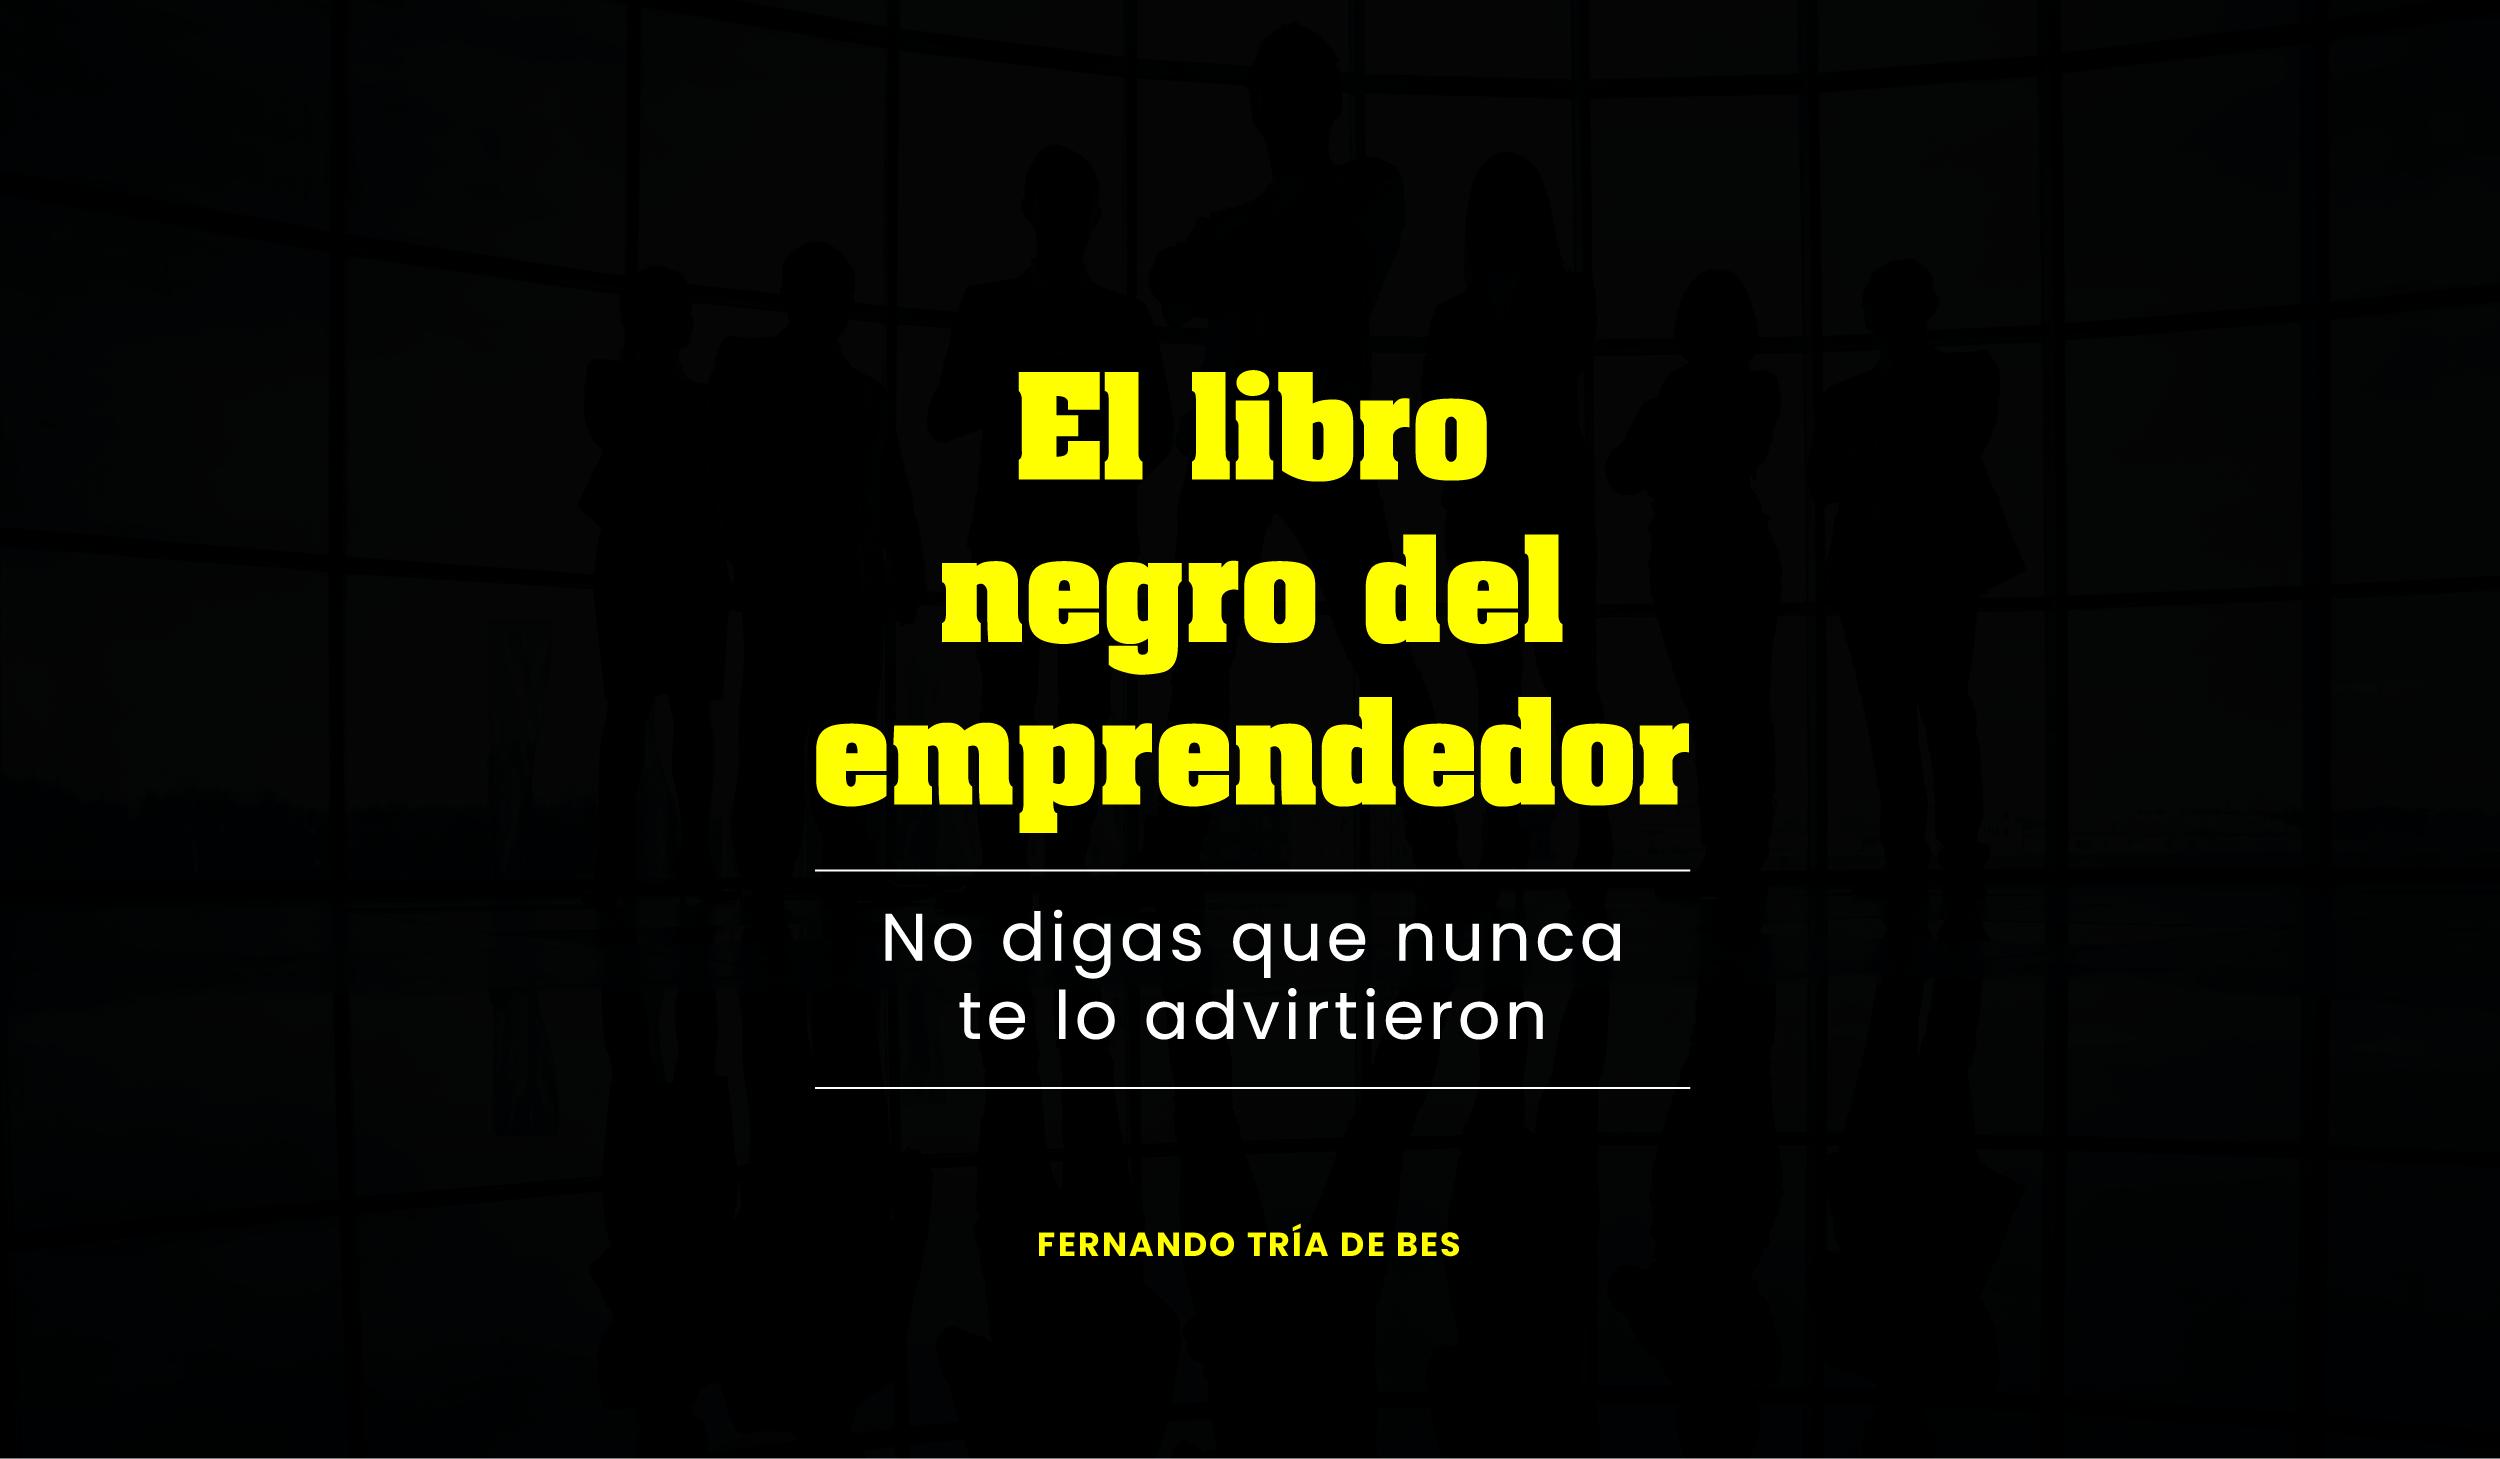 El libro negro del emprendedor - pdf - fernando trías